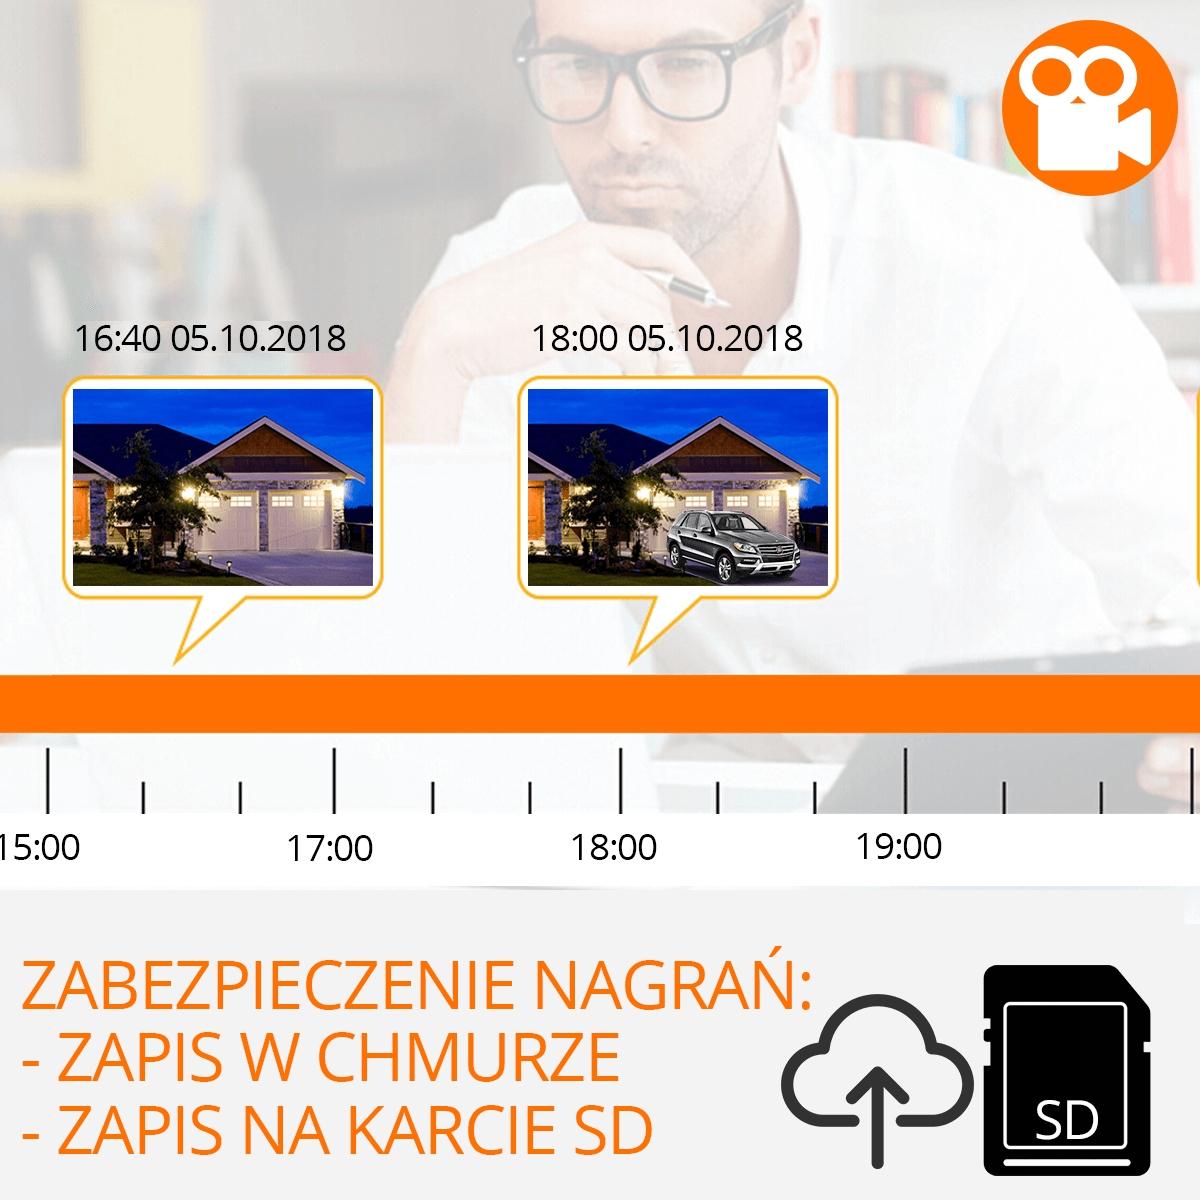 KAMERA HD GSM SIM 3G BATERIA + KARTA 32GB PODGLĄD Zasięg podczerwieni 10 m